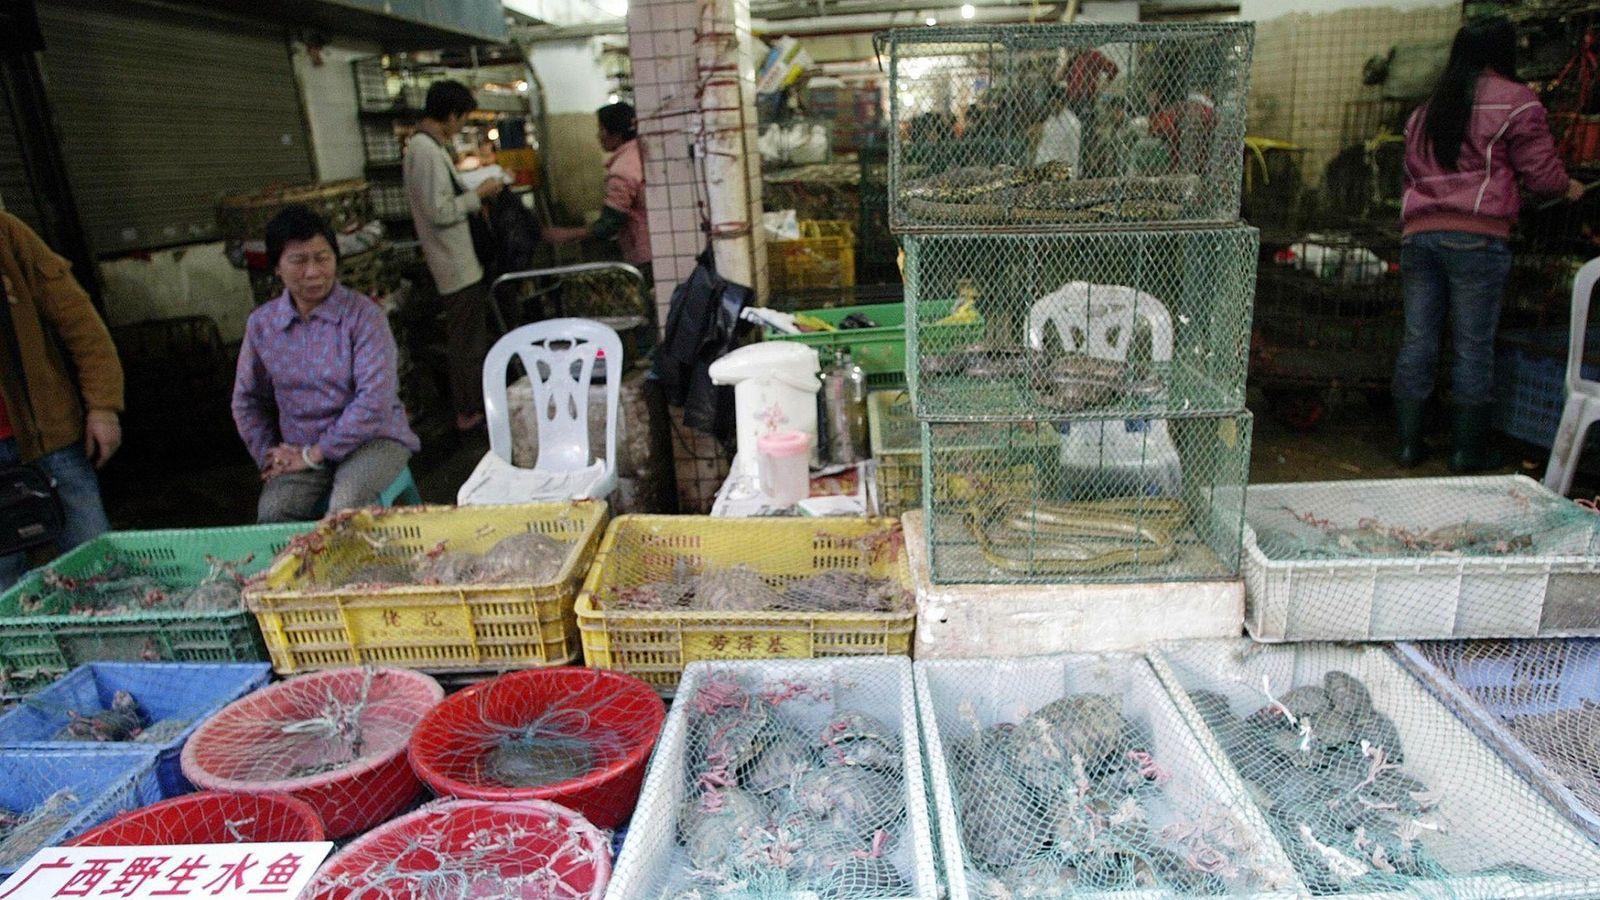 En un mercado de vida silvestre en Shenzhen, los vendedores exponen reptiles vivos y mamíferos para ...